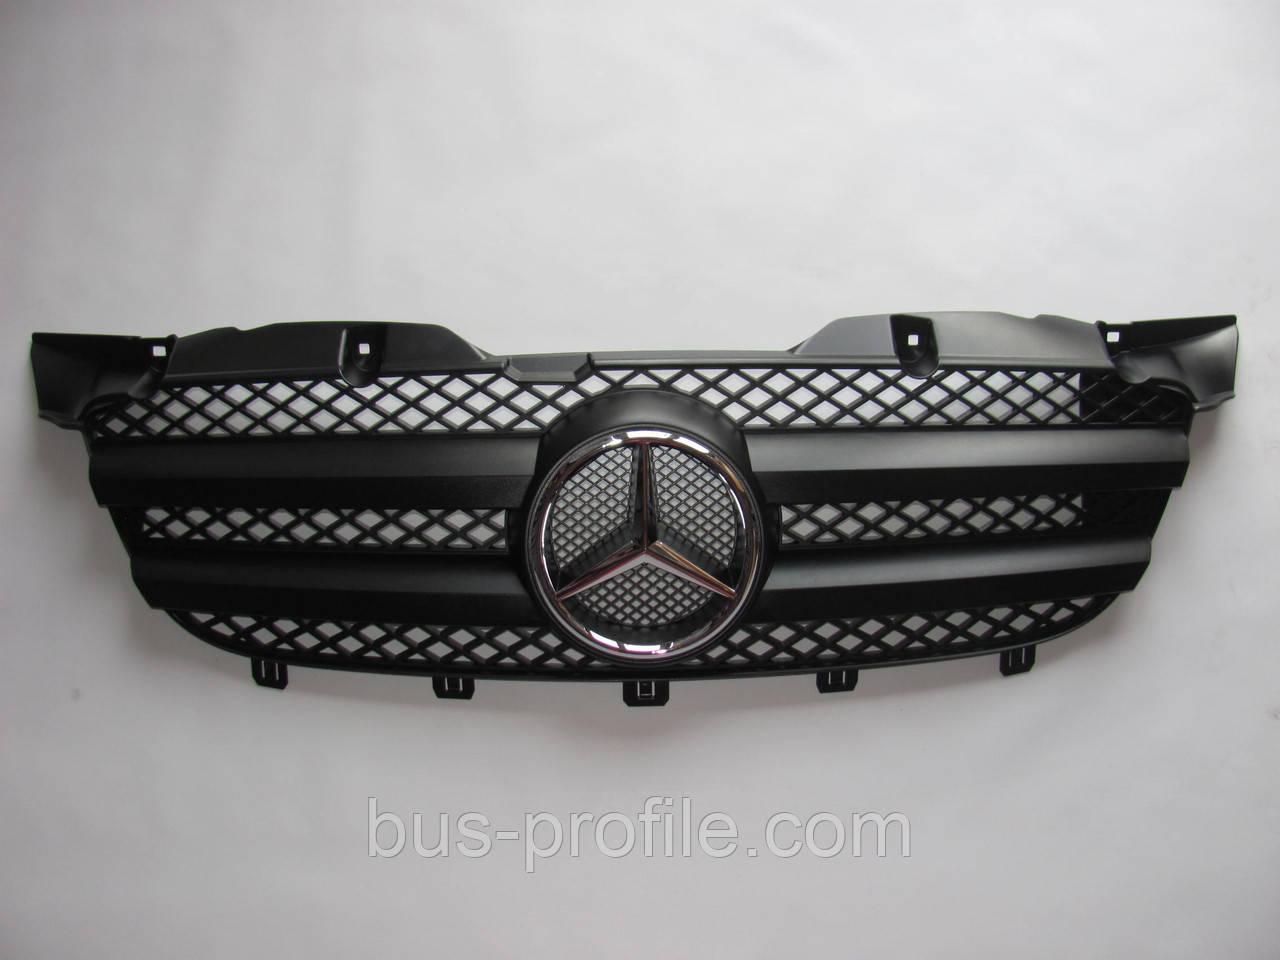 Передняя решетка на MB Sprinter 906 2006→ — Mercedes Original — 9068800385 9051